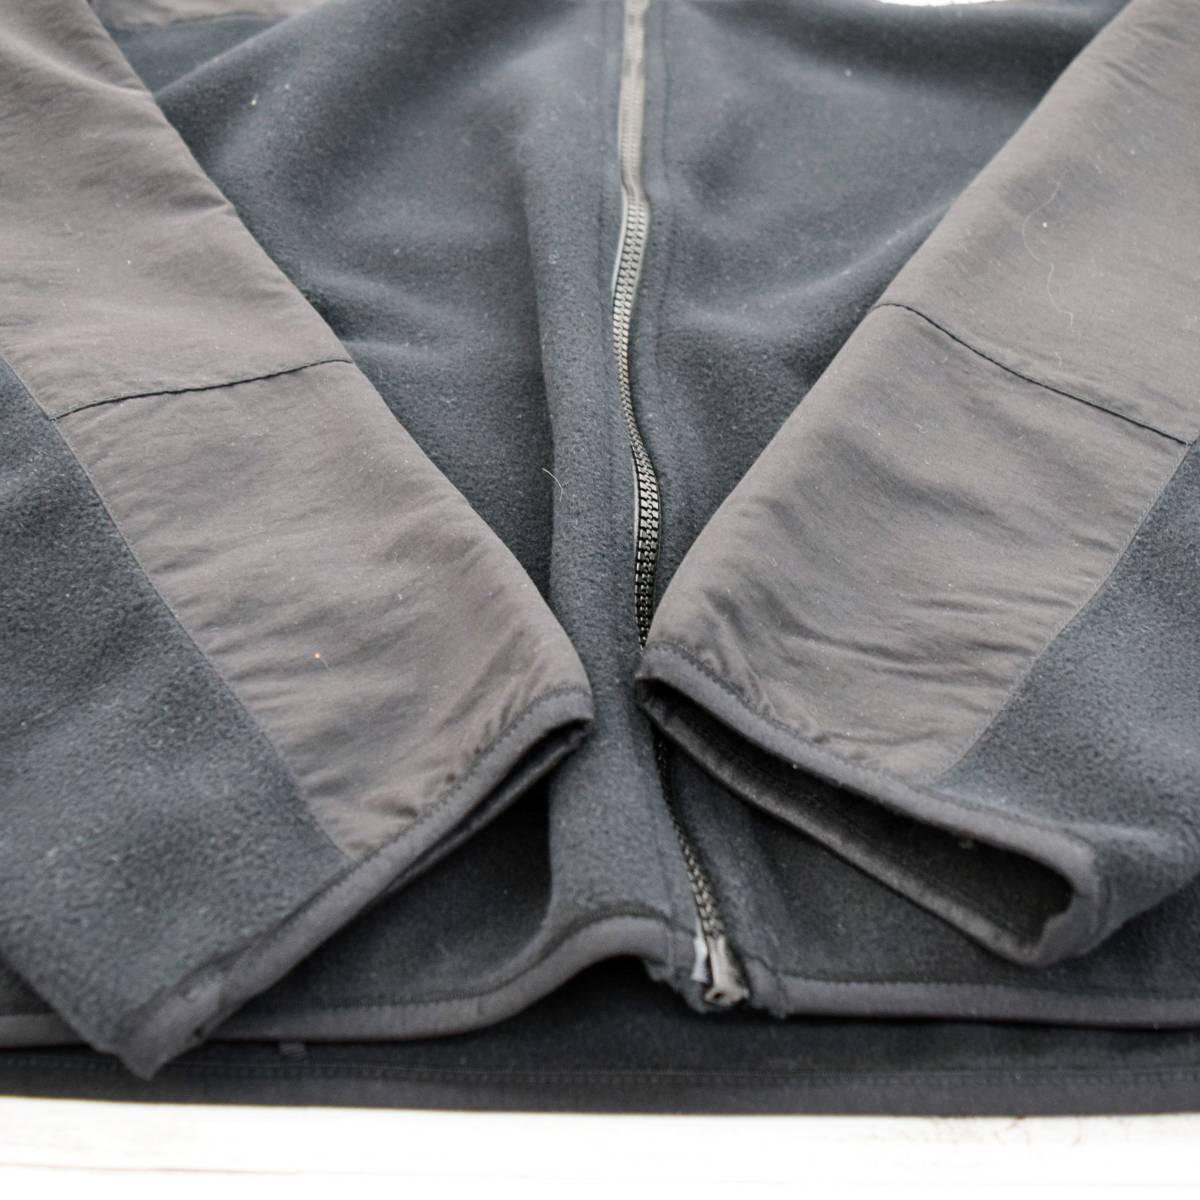 タグ付き未使用品 20SS Supreme THE NORTH FACE RTG Fleece Jacket シュプリーム ノースフェイス フリース ジャケット ブラック_画像5